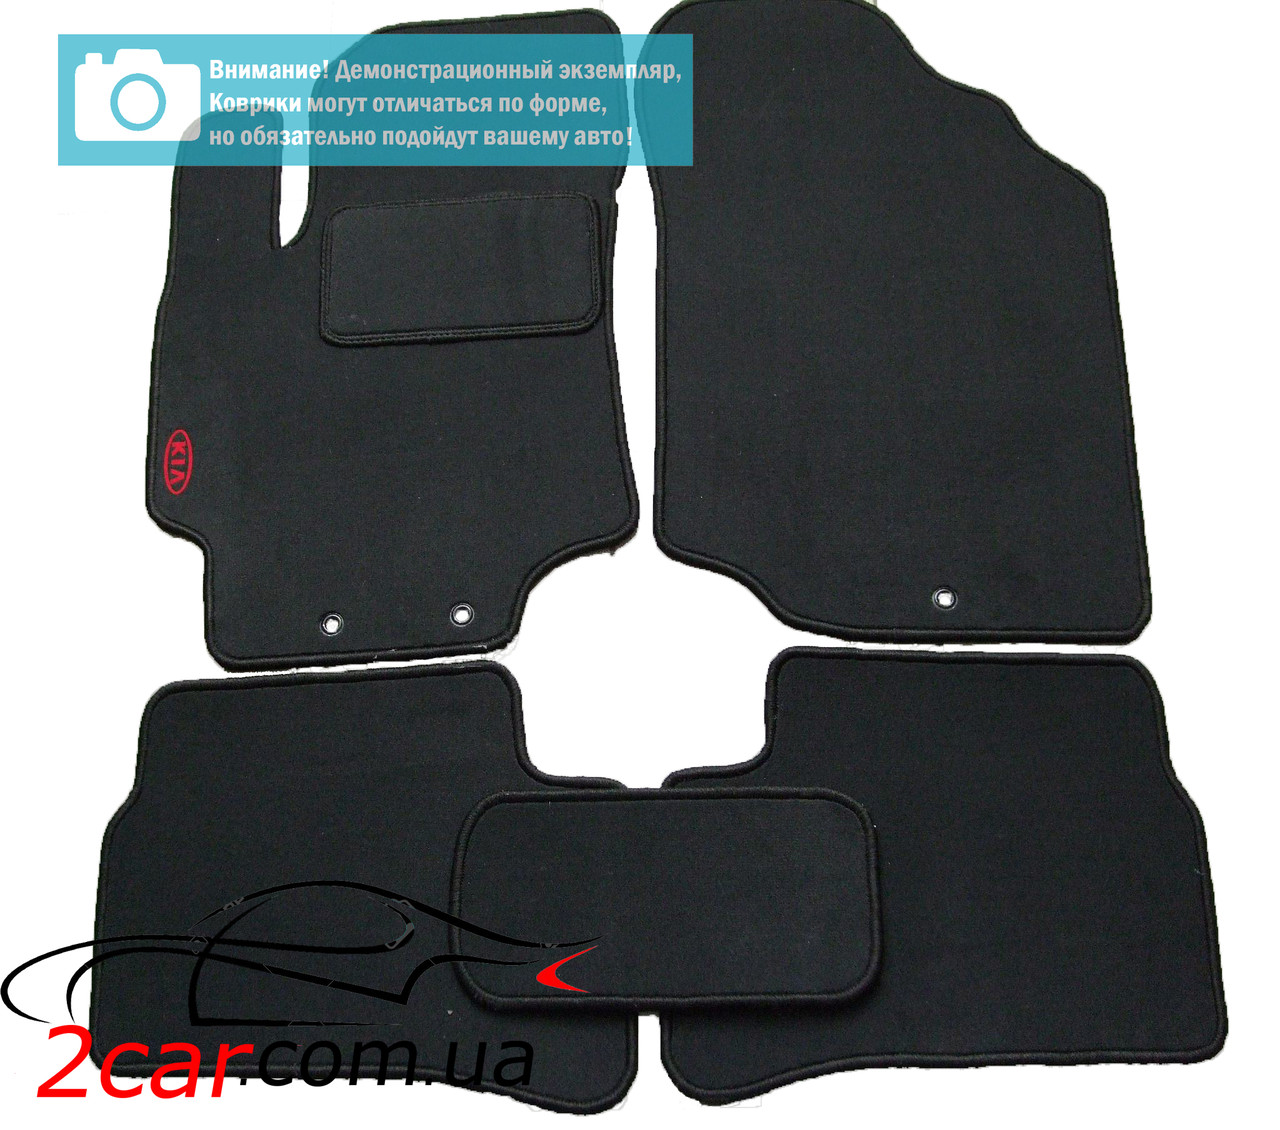 Текстильные коврики в салон для Daewoo Sens (1997-) (чёрный) (Stingray